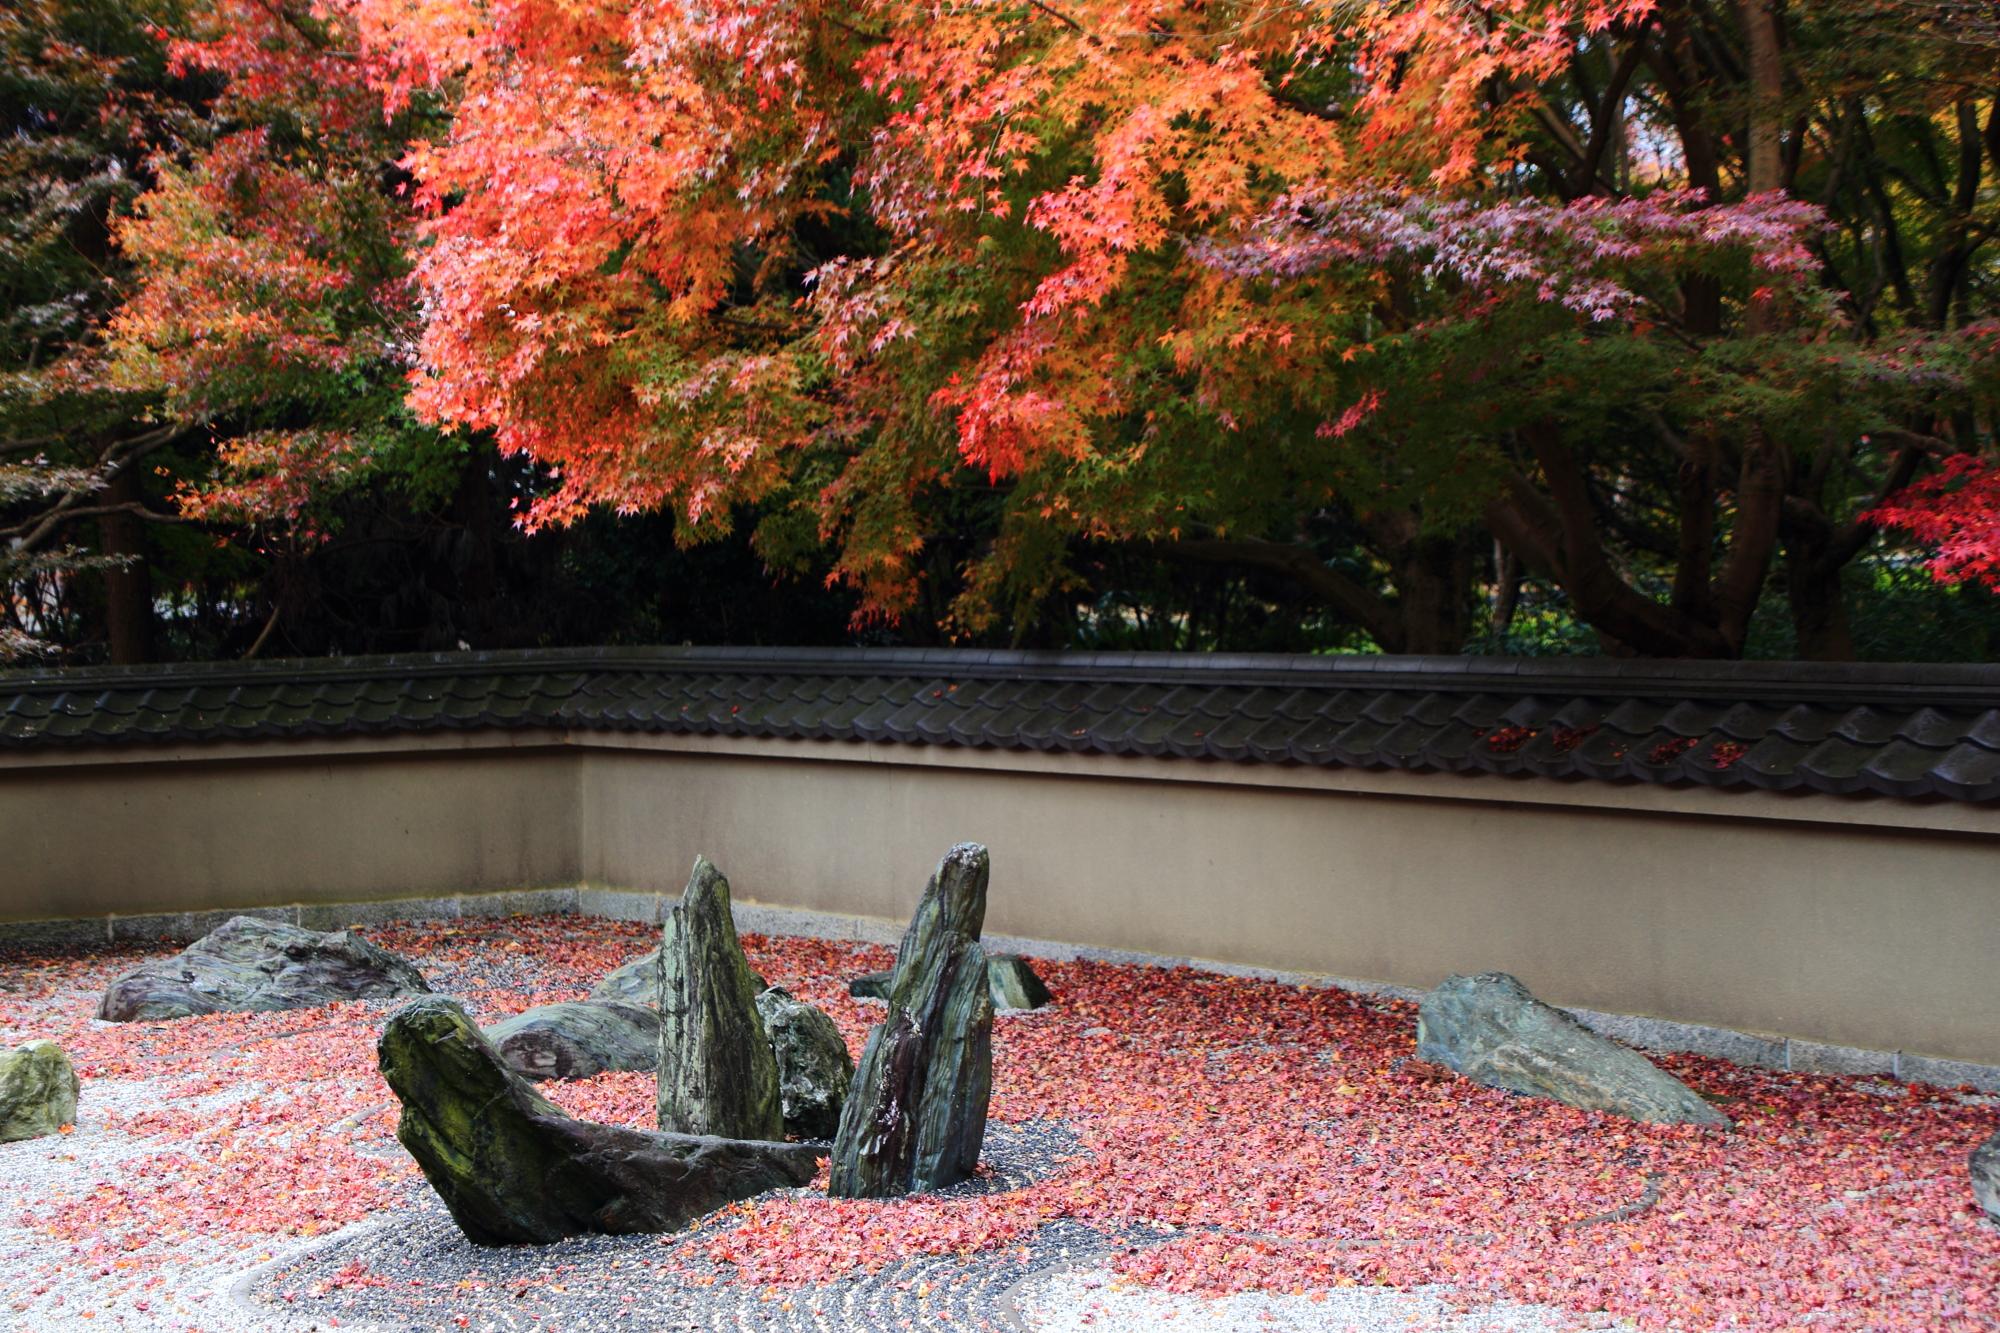 龍の庭 紅葉 見ごろ 方丈西庭 龍吟庵